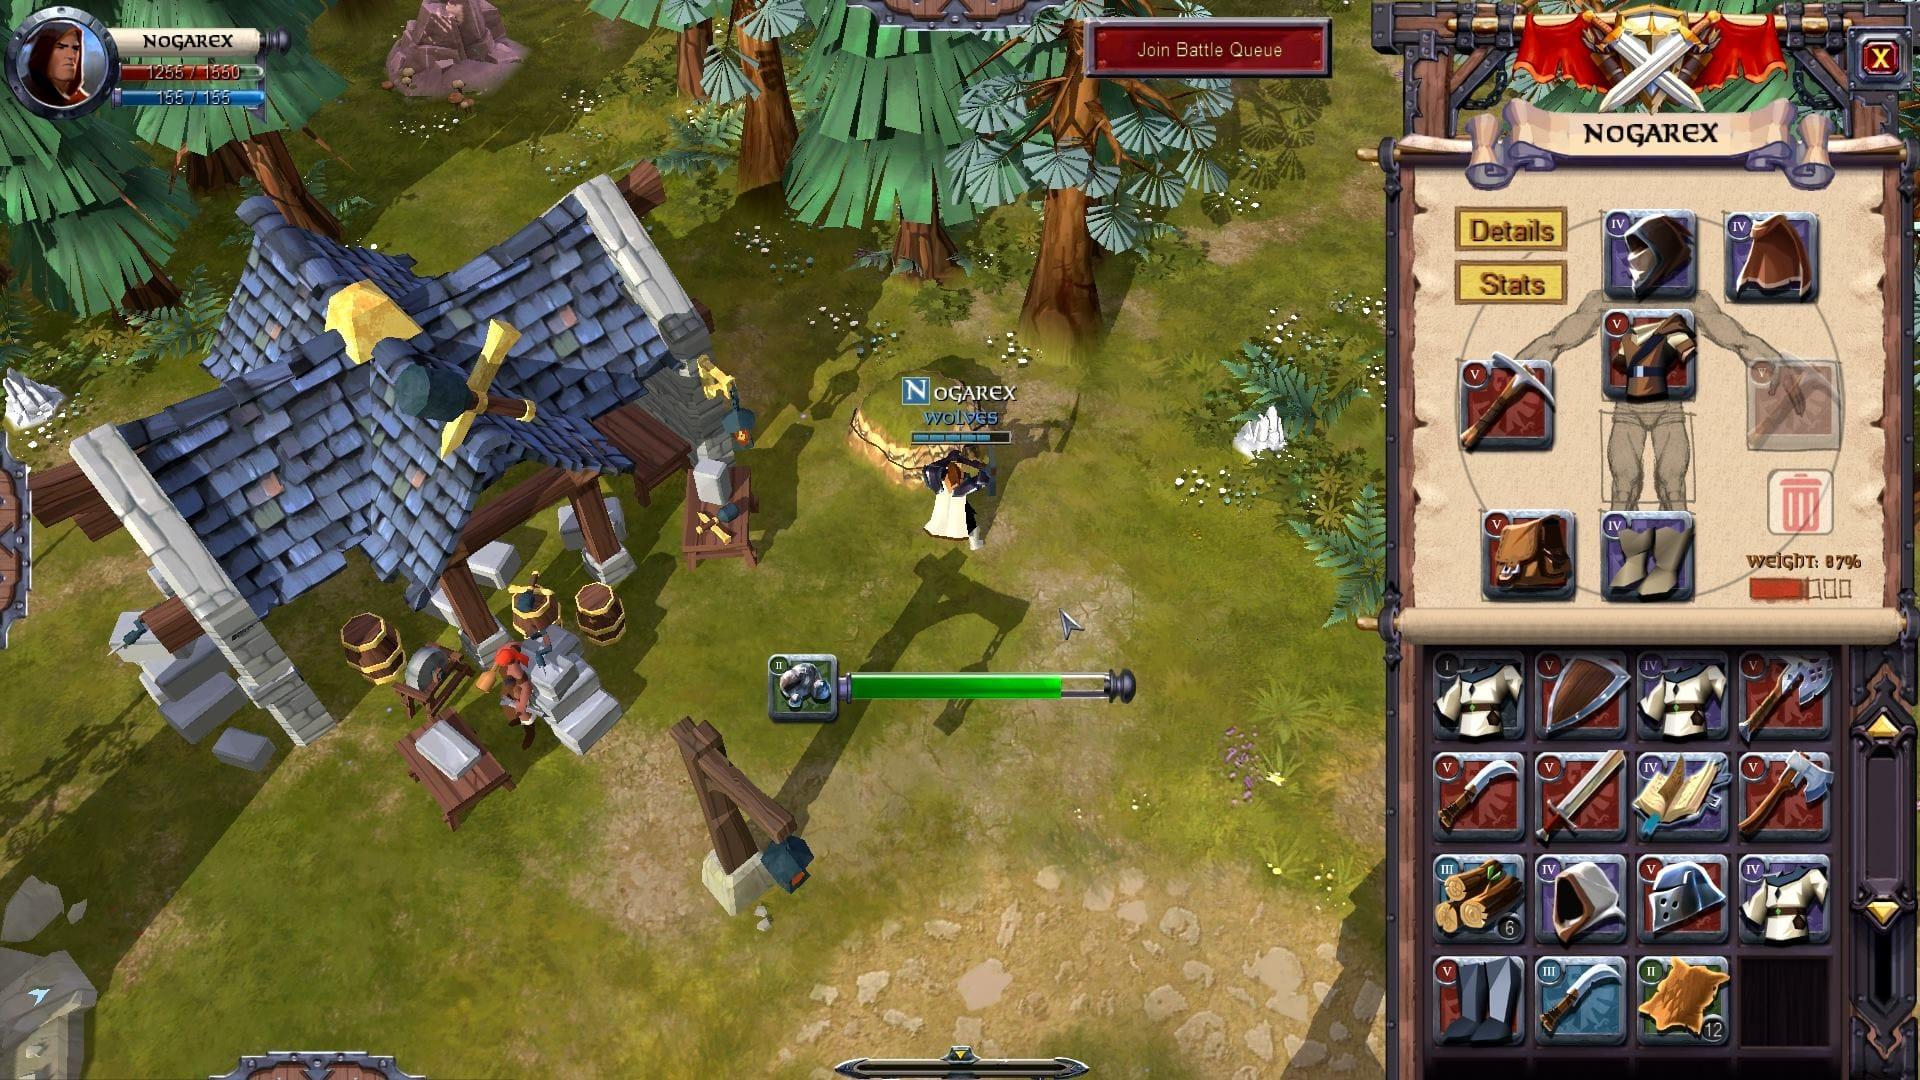 Легенда наследие драконов ролевая онлайн-игра английский сервер сюжетно ролевая игра с